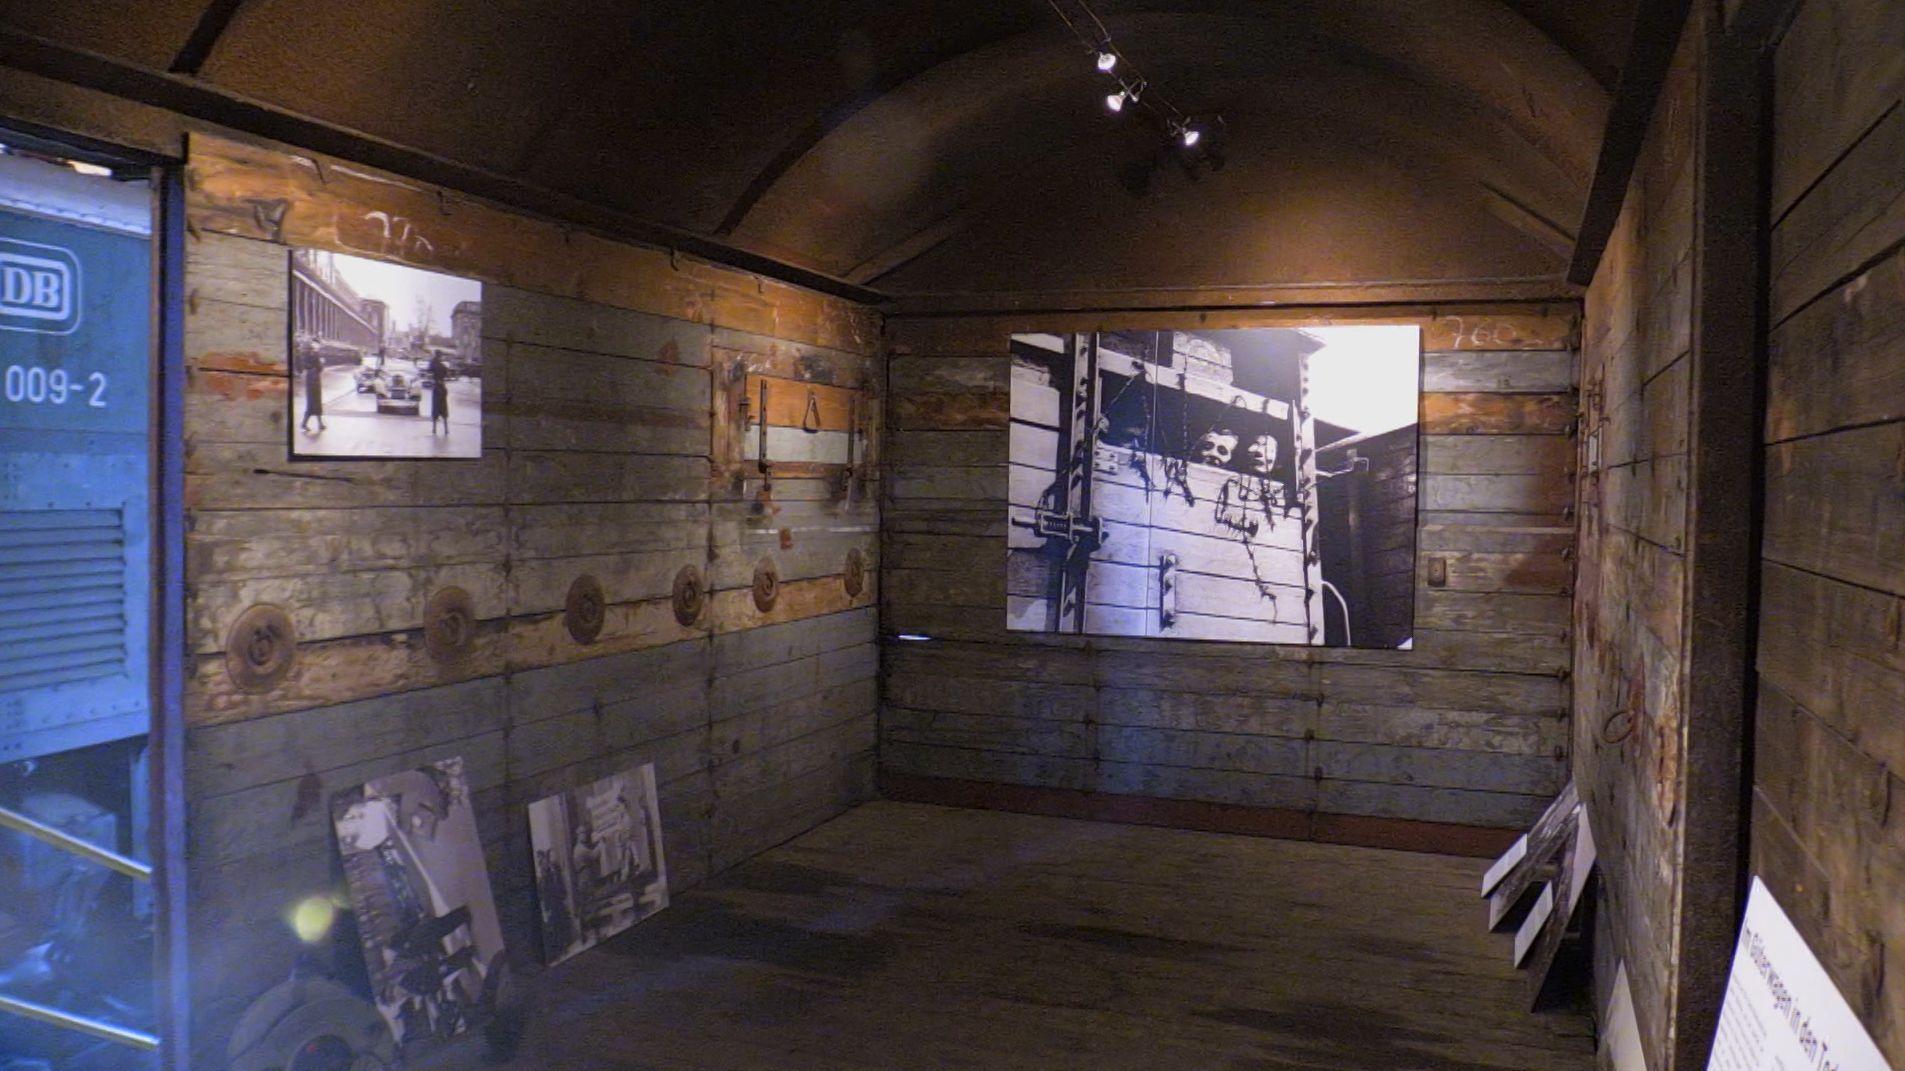 Der Augsburger Bahnpark widmet sich einem dunklen Kapitel der deutschen Geschichte: dem Transport von Juden in die Vernichtungslager.